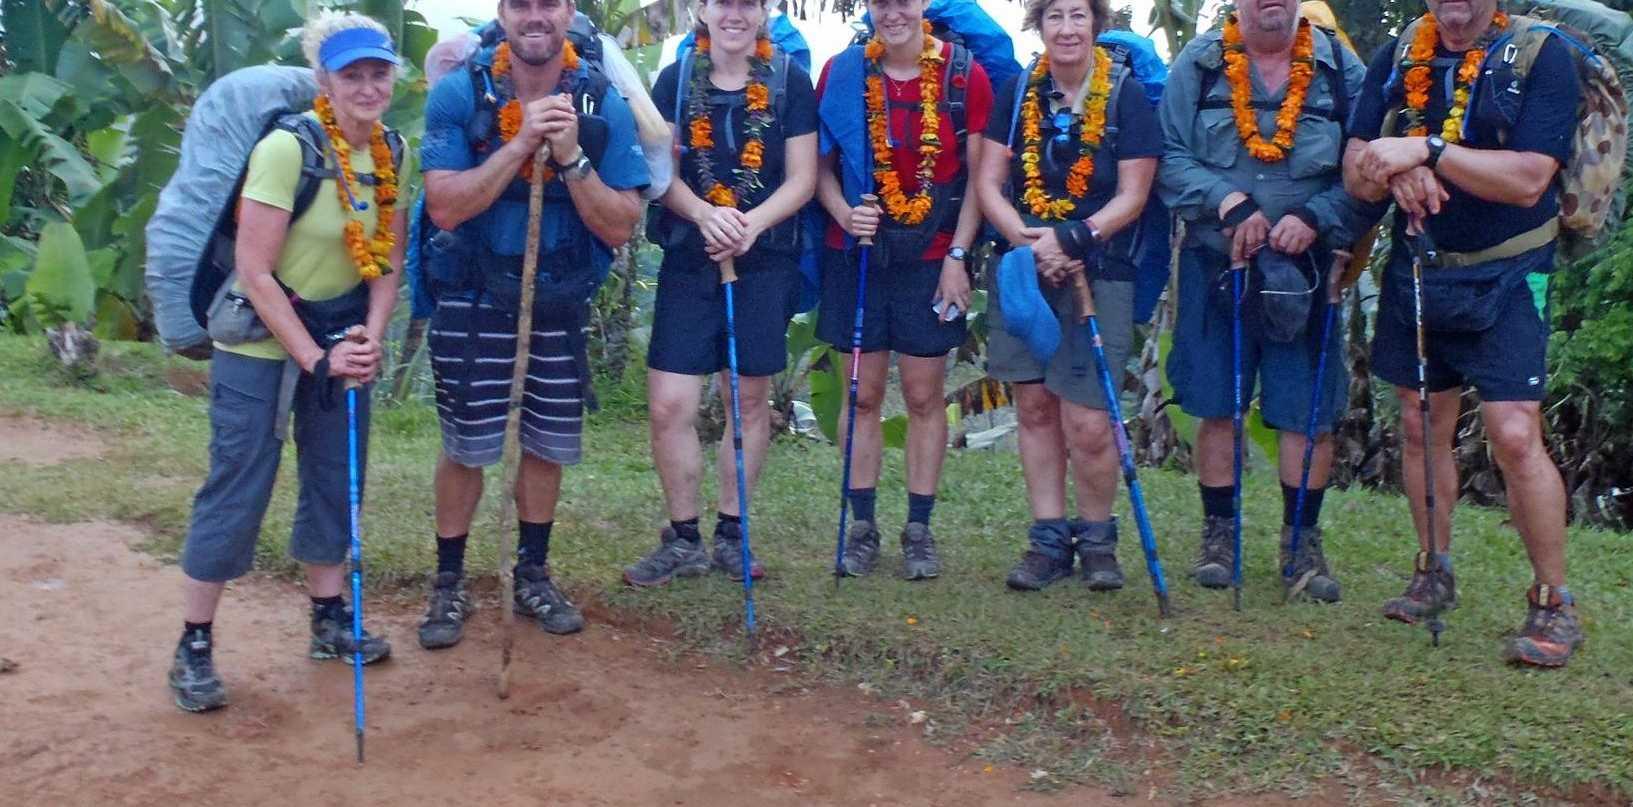 The Kokoda trekking group arrives at Kagi Village in 2013.